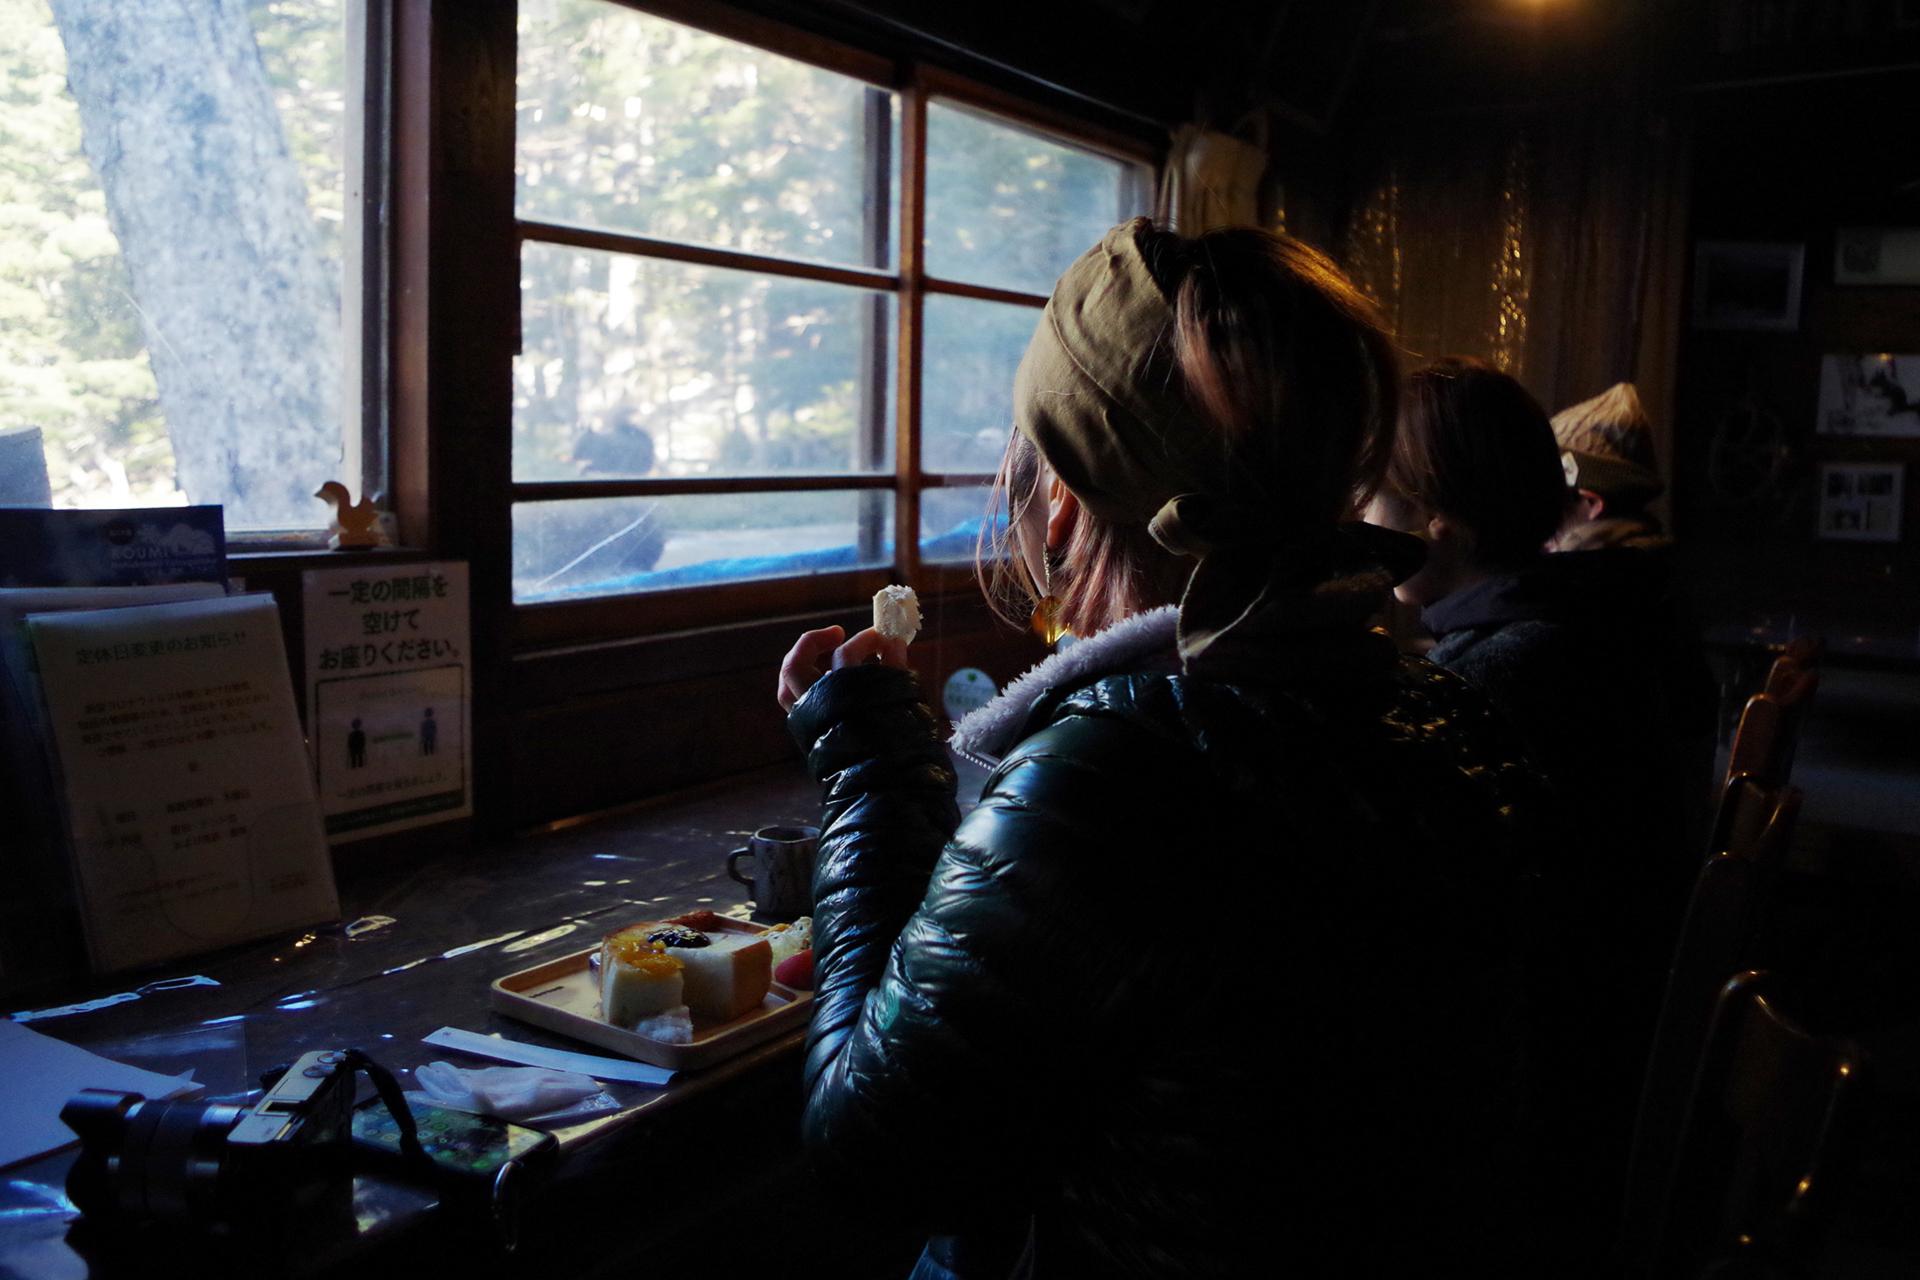 17 山を愛するマンガ家・鈴木ともこさんと行く!北八ヶ岳・しらびそ小屋〜コロナ禍で再発見した魅力とは〜